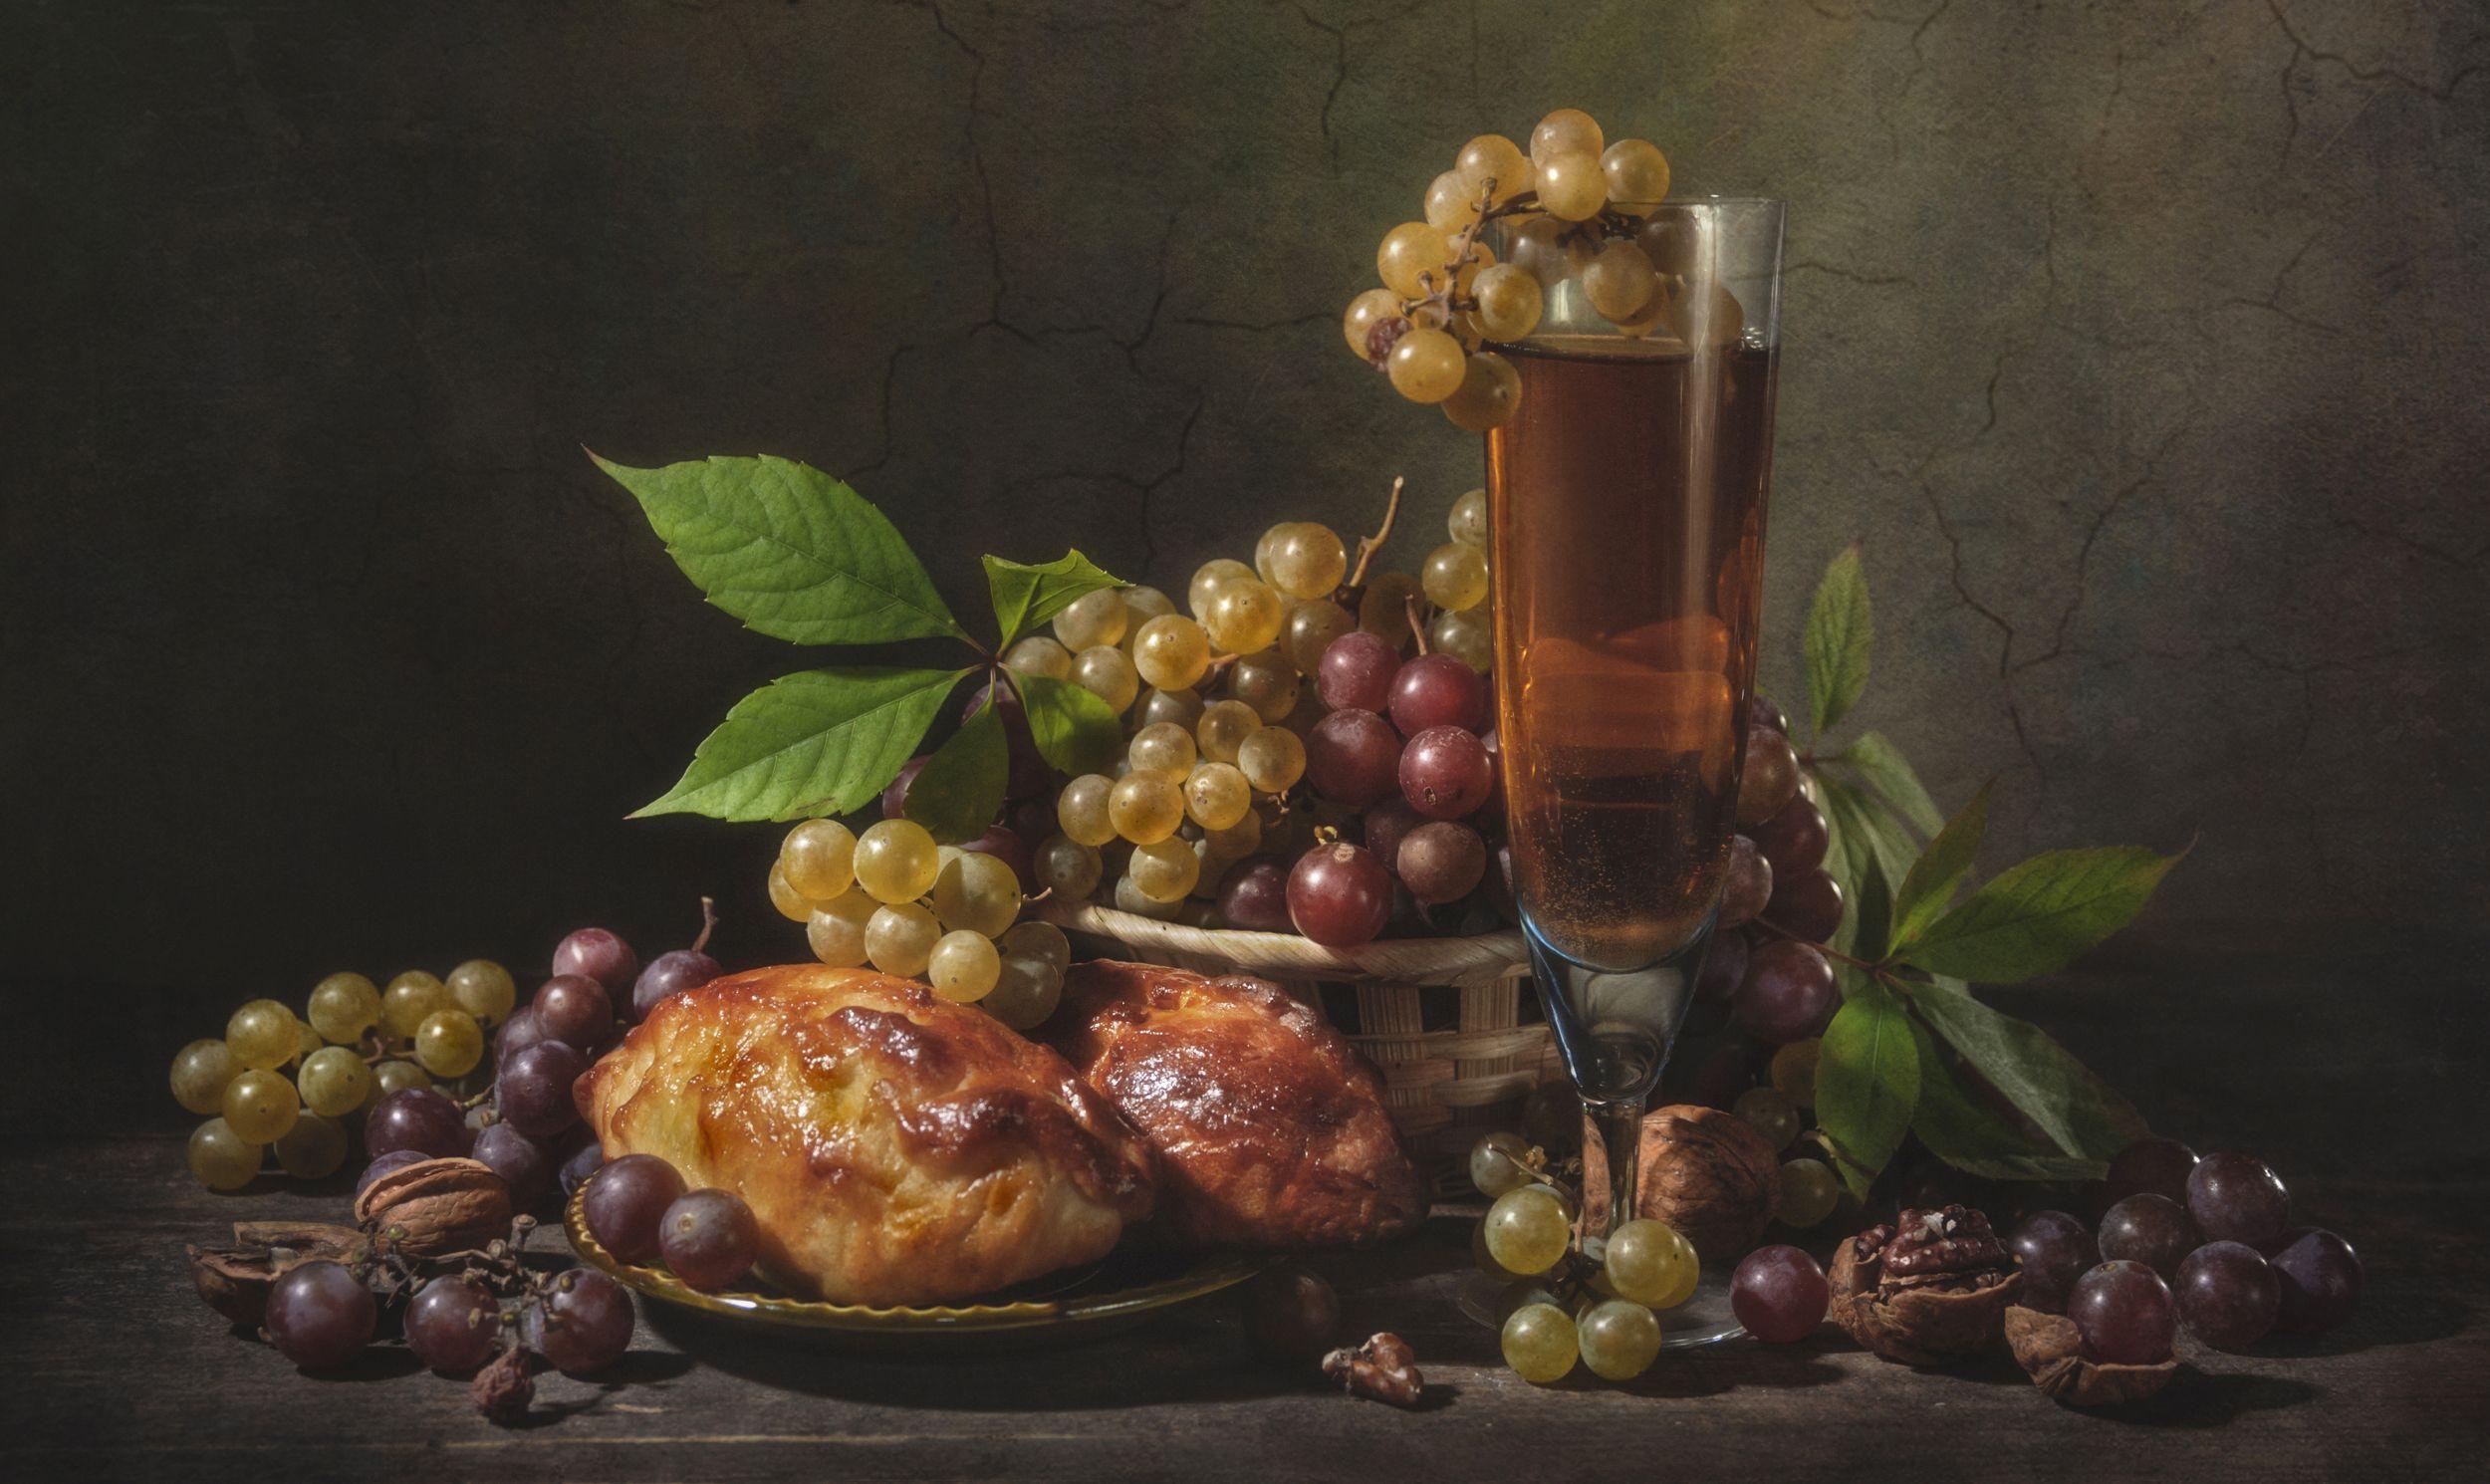 виноград,бокал,сок,булочки,выпечка,листья,вкус,еда,трапеза,грецкий орех, Володин Владимир